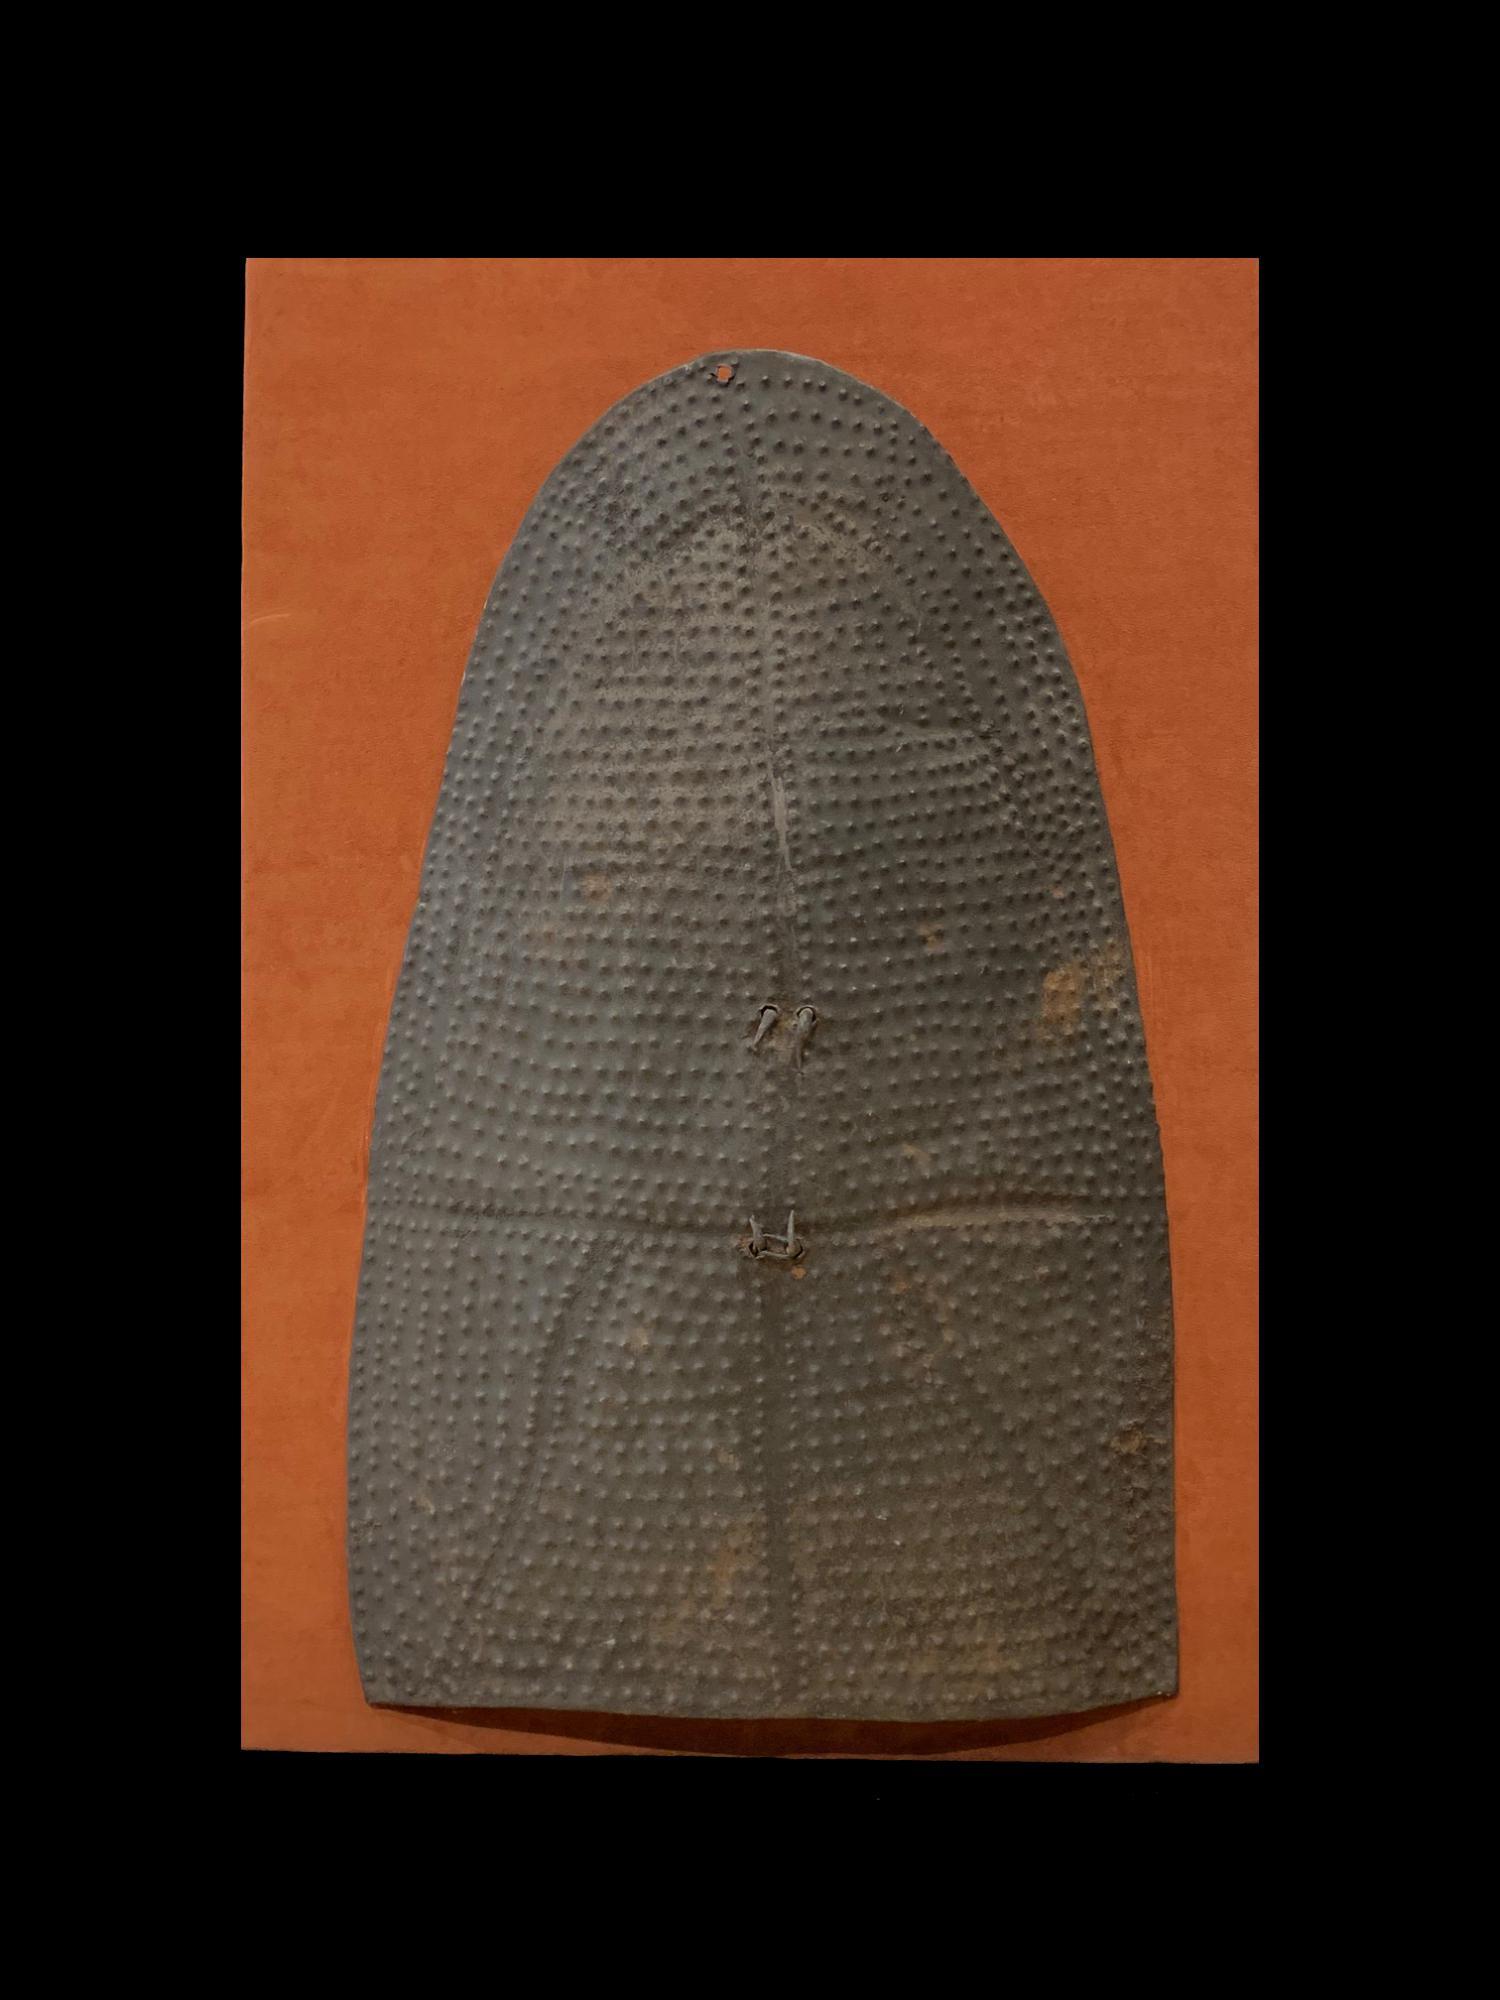 Metal/Iron Shield - Kirdi People, Cameroon